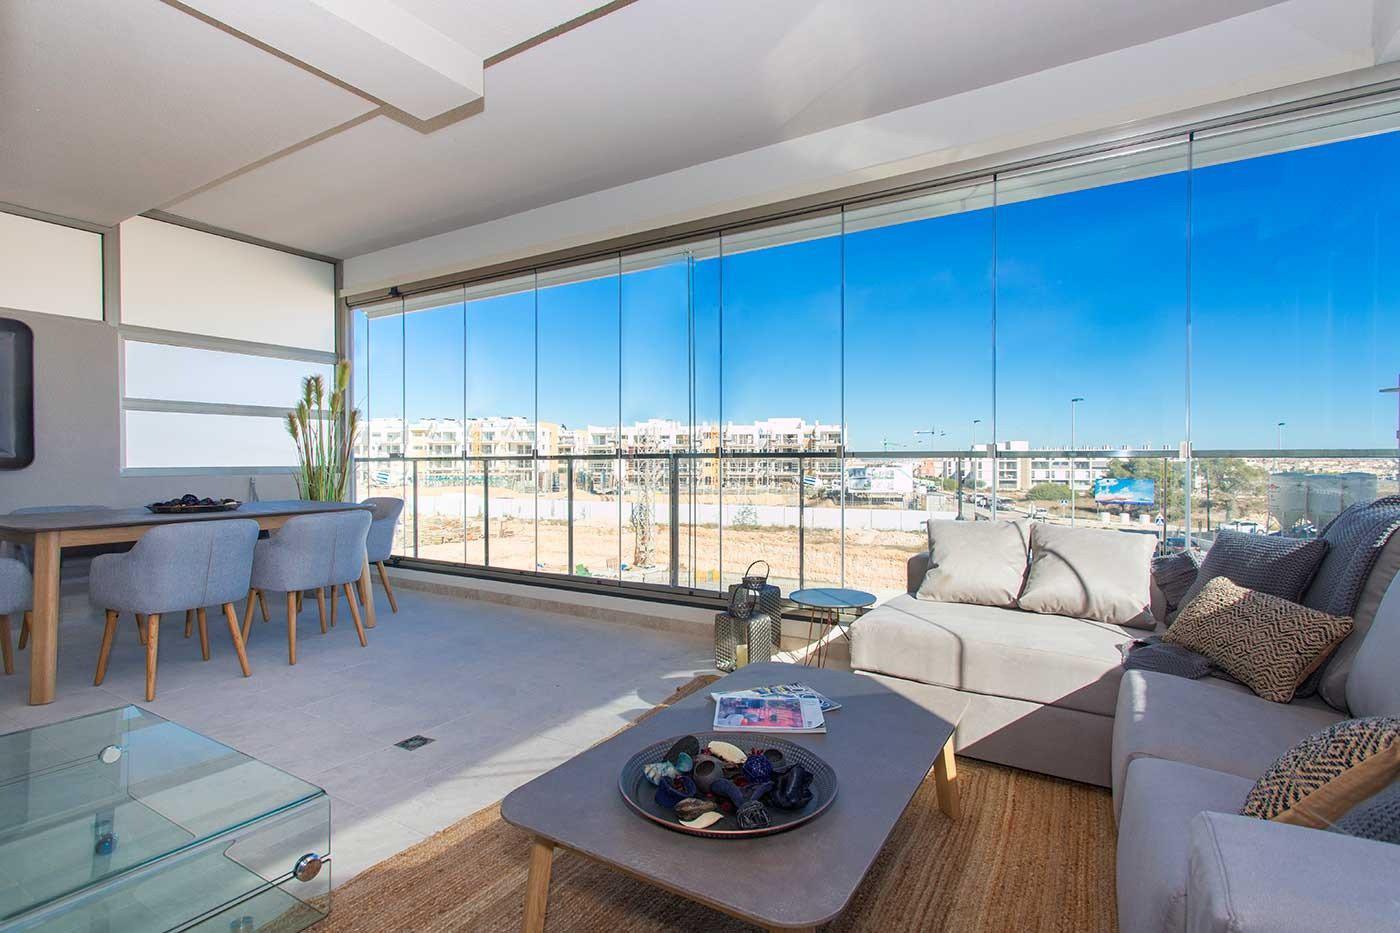 Complejo de estilo moderno con apartamentos de 2,3 dormitorios y 2 baños con amplias terra - imagenInmueble23